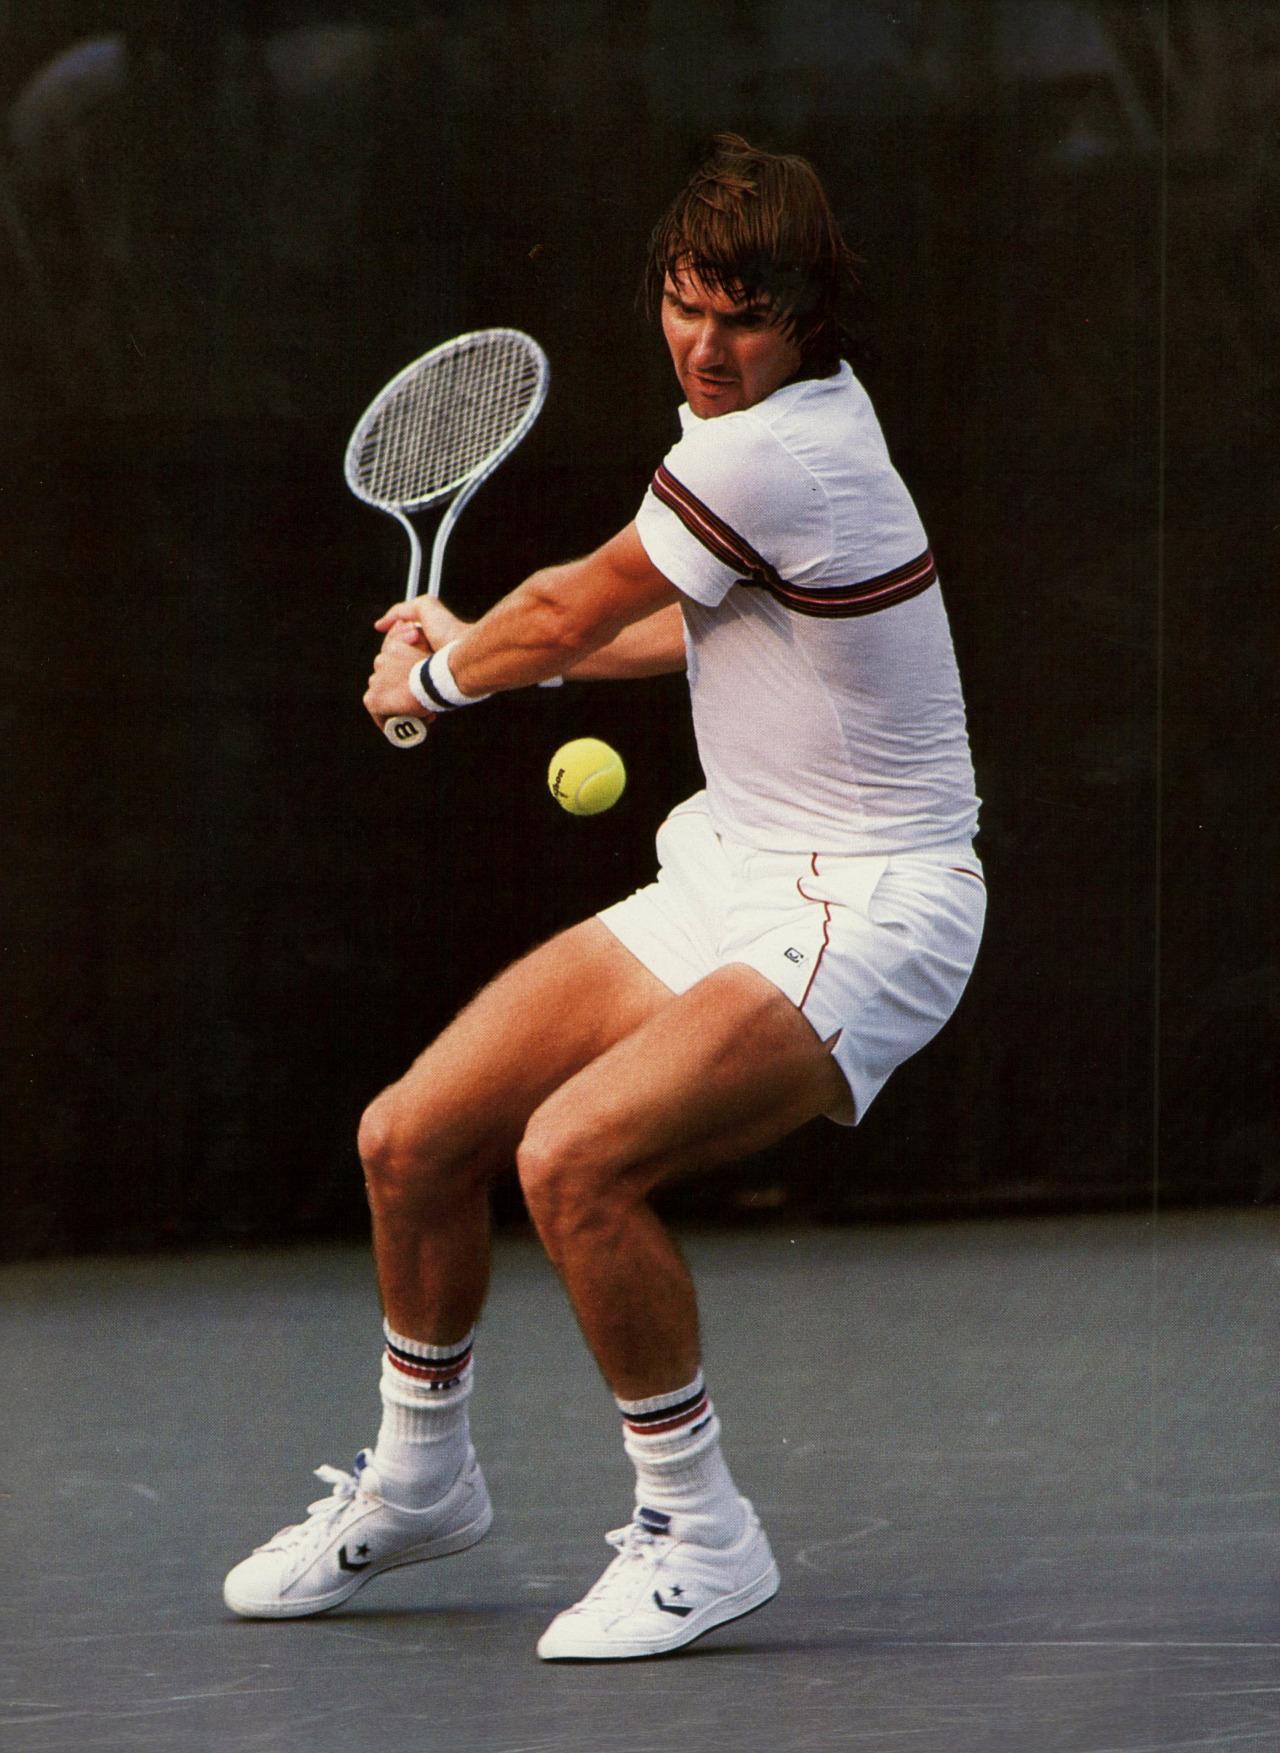 Фото: Джимми Коннорс играет на US Open ракеткой Wilson T2000